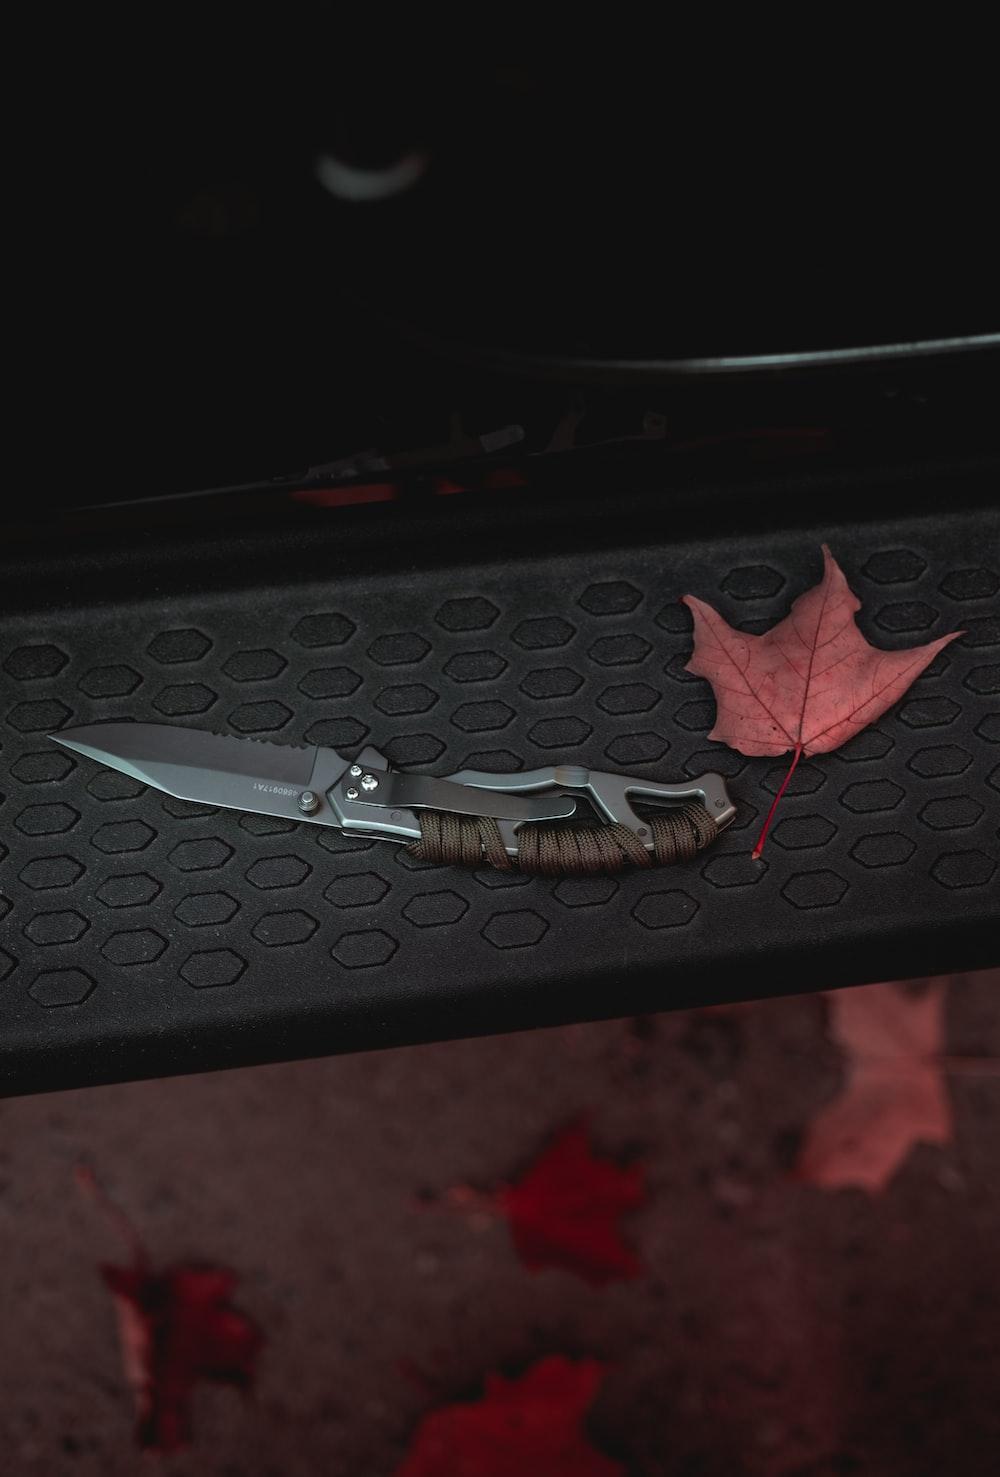 black handled knife on black surface